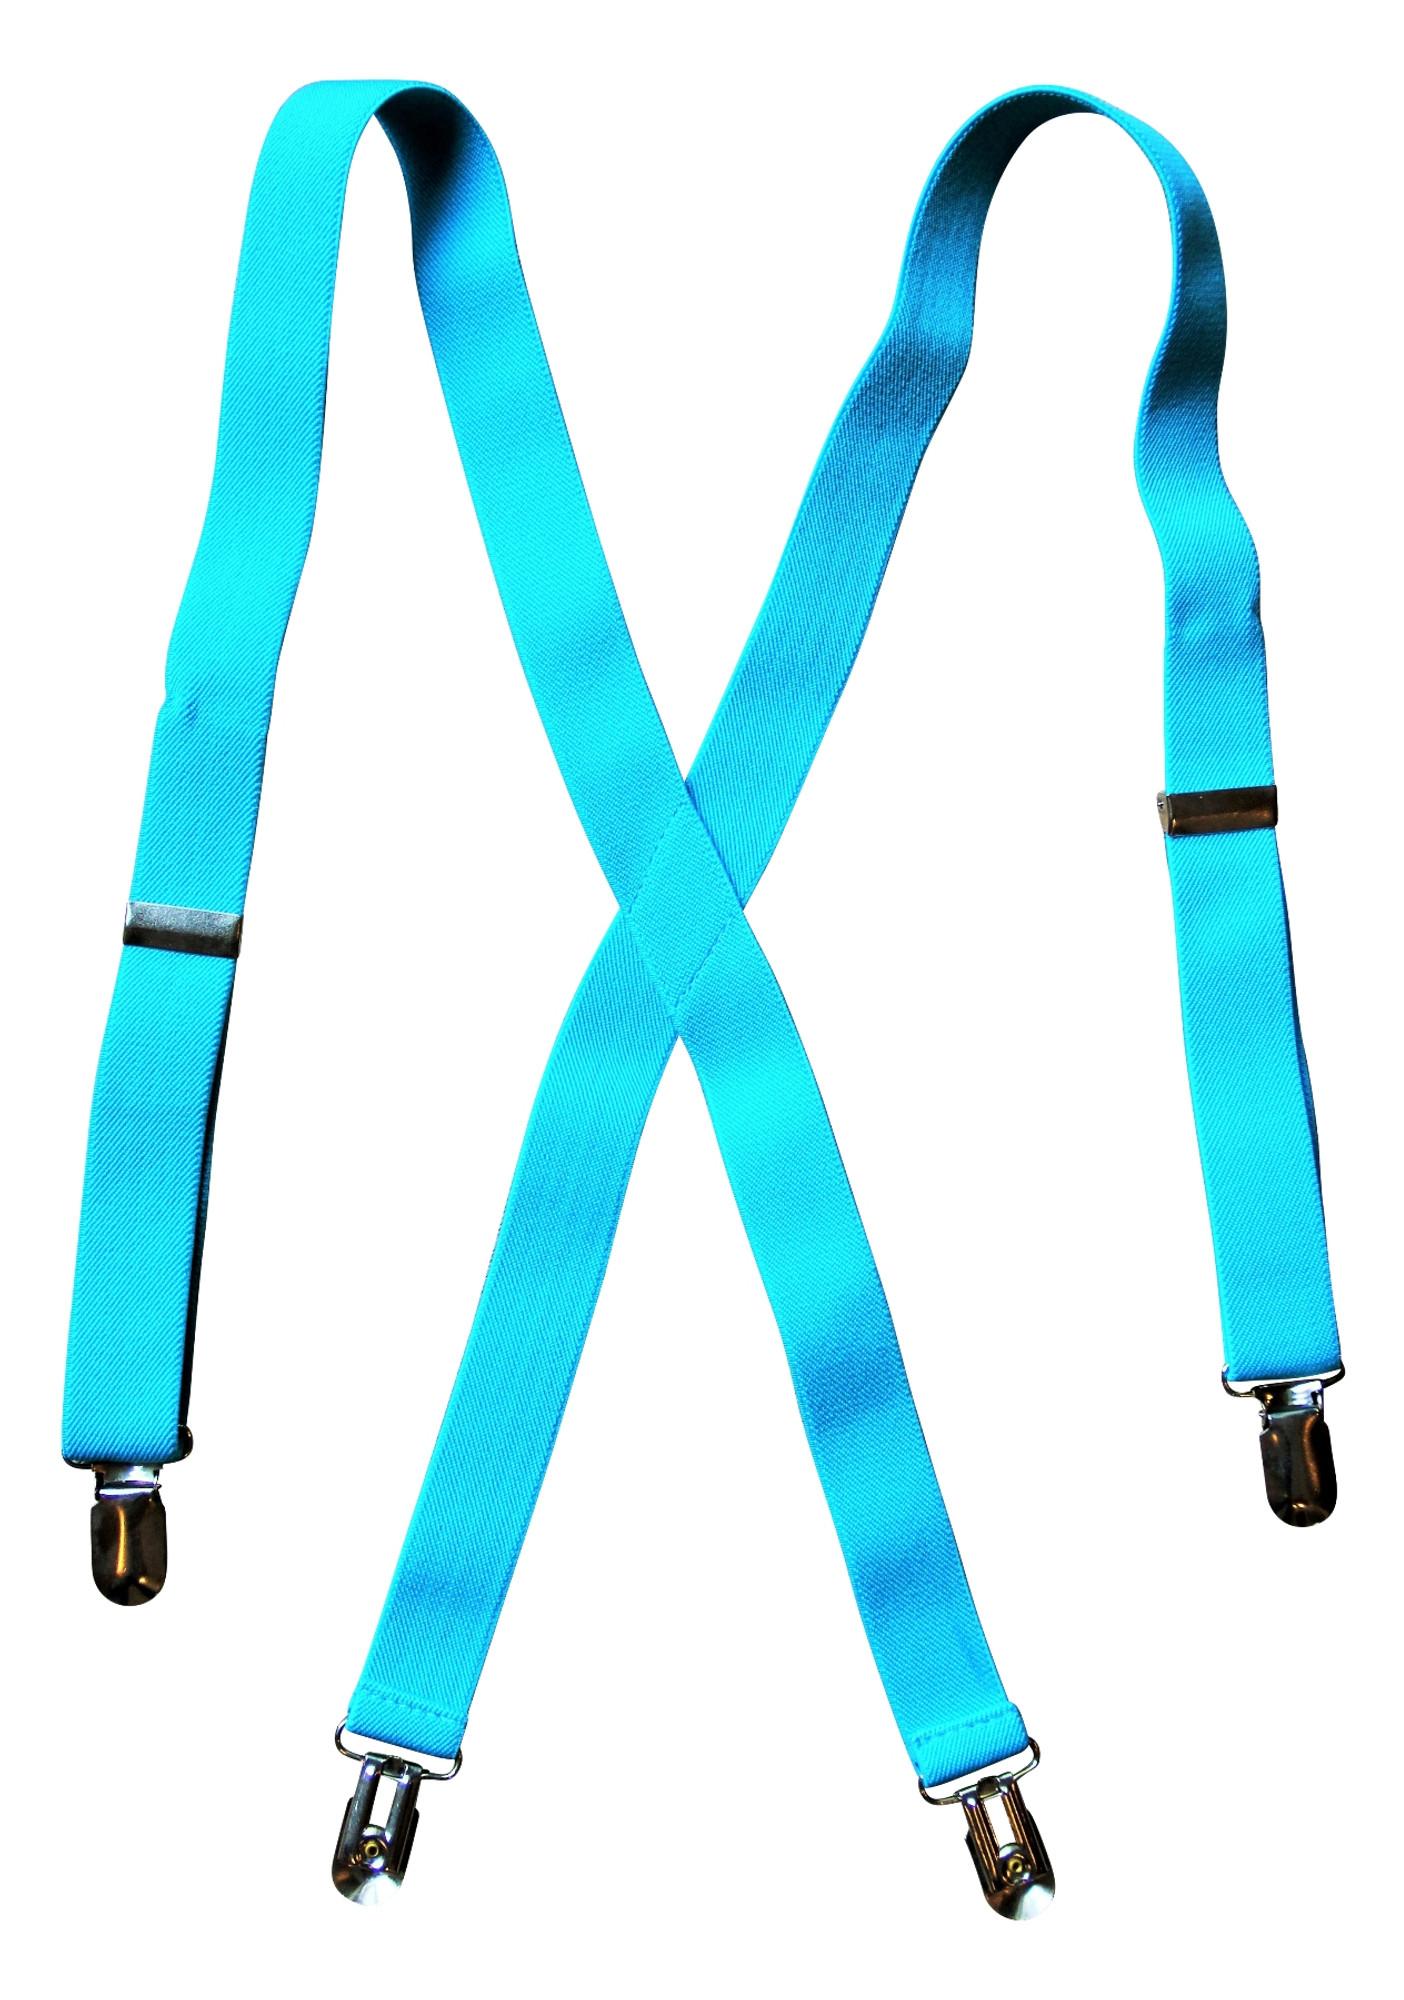 Klassische Hosenträger für Kinder Jungen Mädchen türkis blau elastisch ca. 70 cm